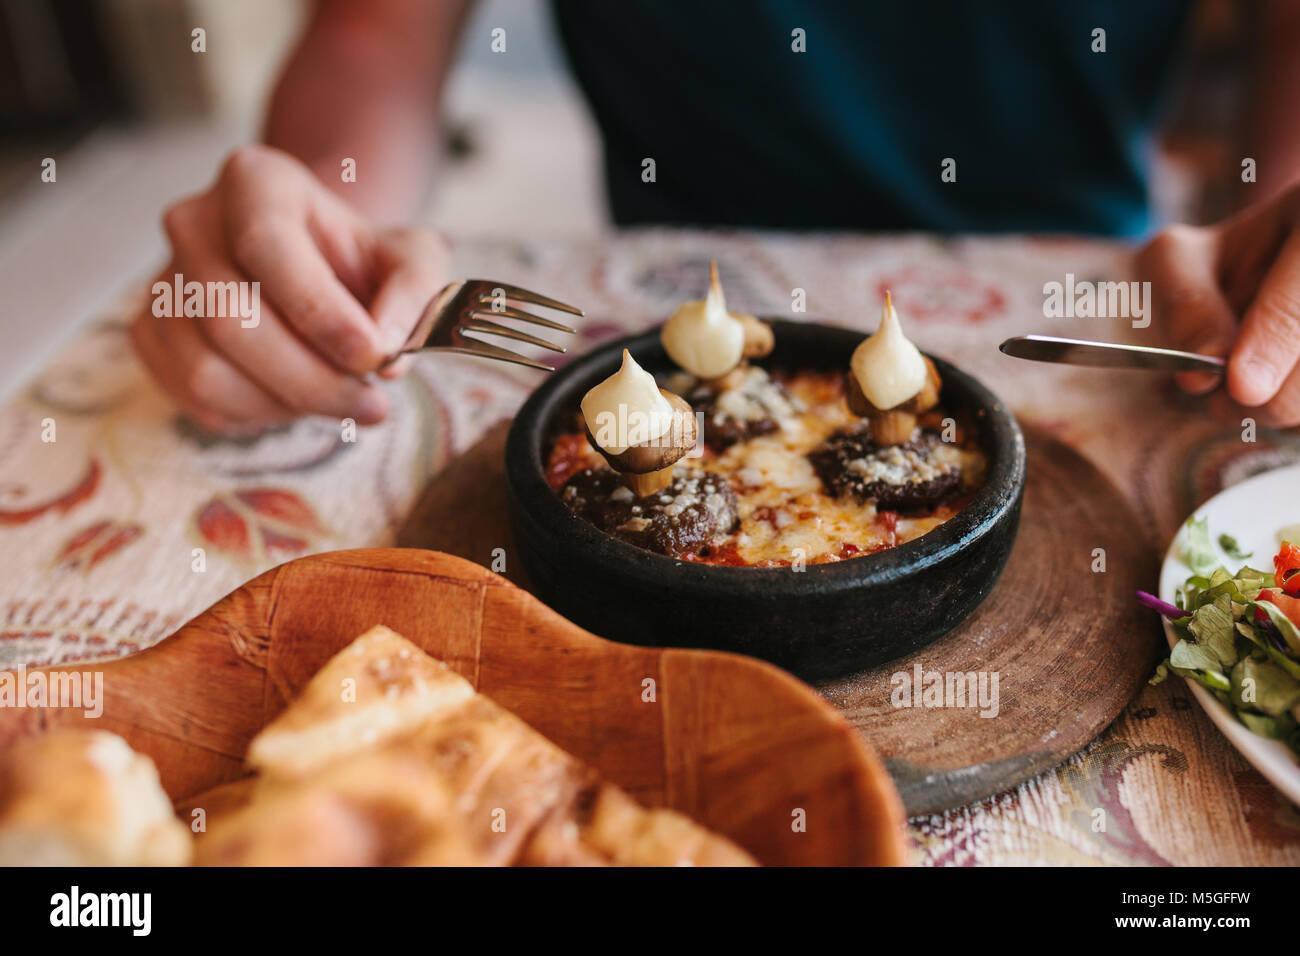 Uomo di mani posate - preparare da mangiare il piatto con i funghi a tavola in cafe Immagini Stock